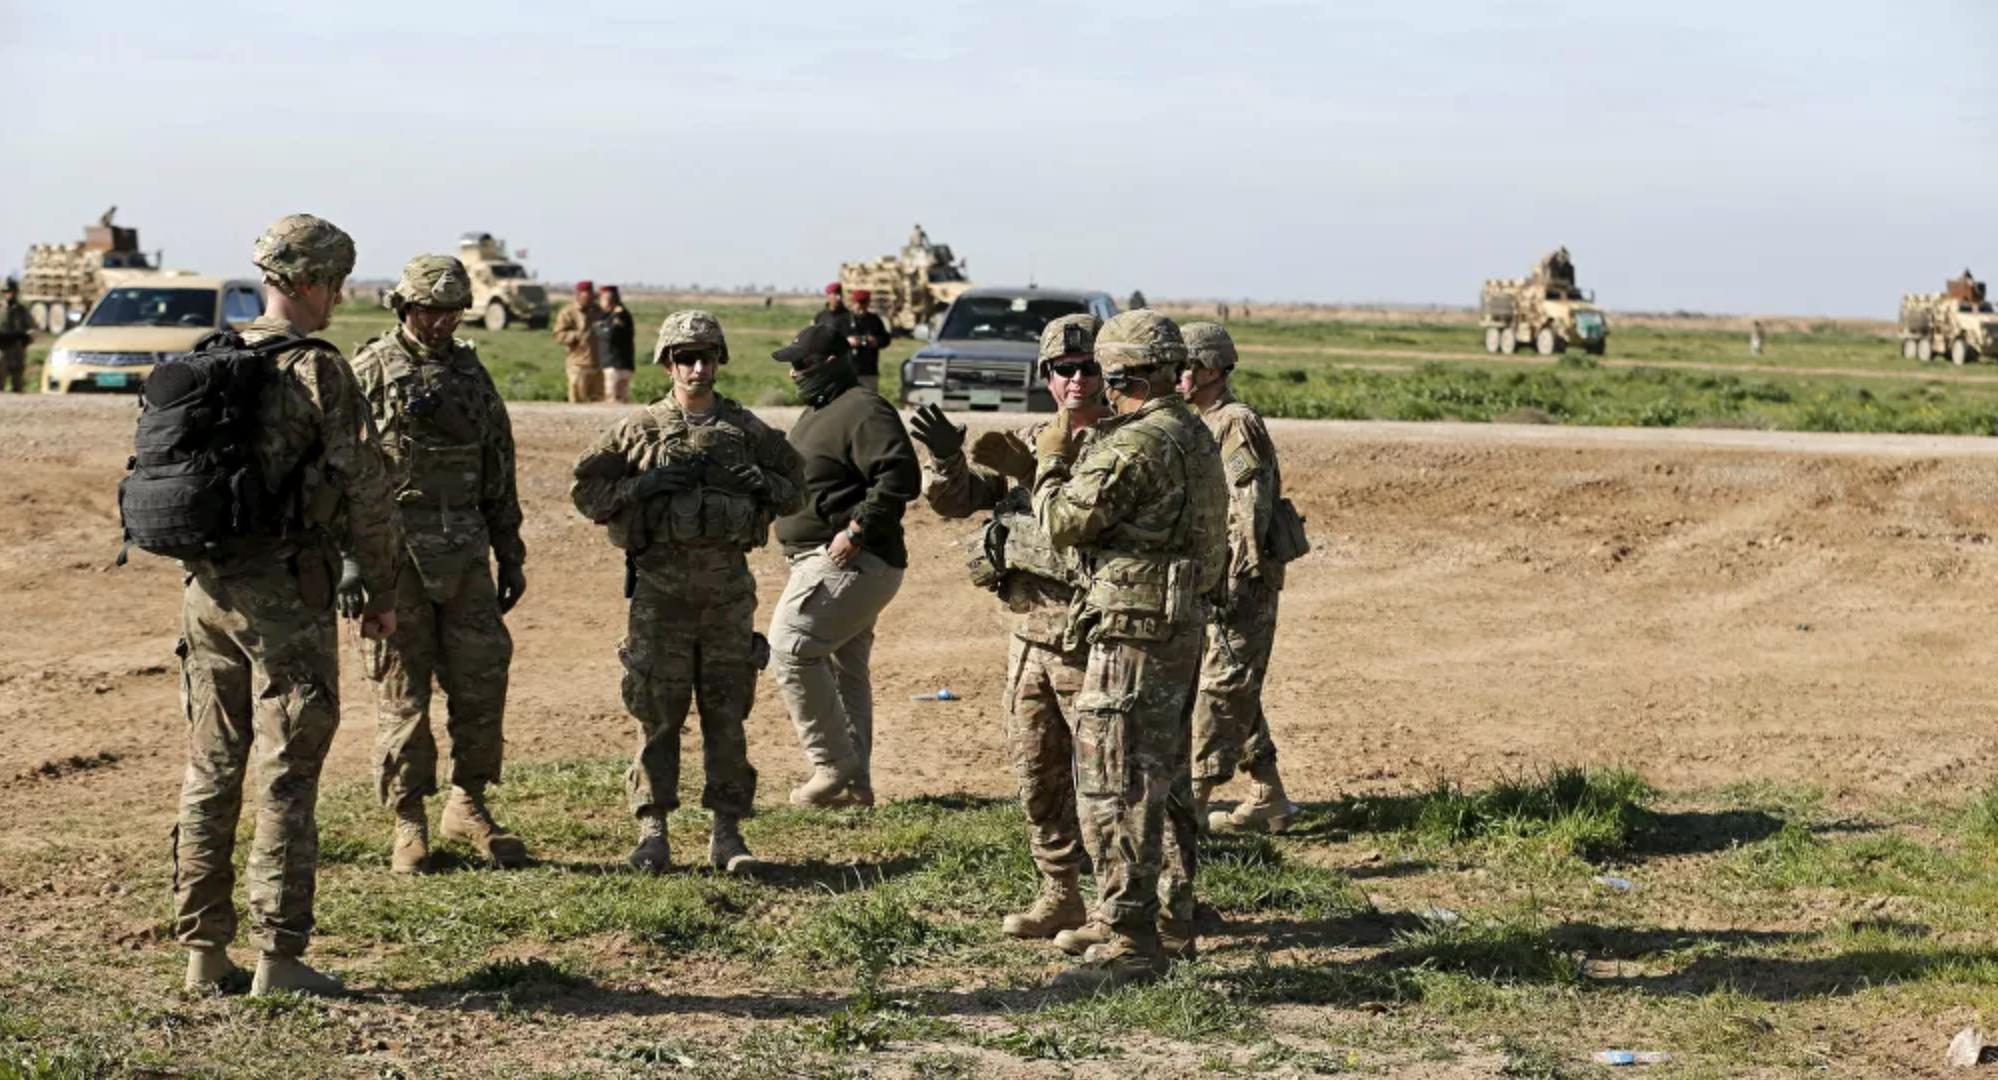 Căn cứ quân NATO ở Iraq bị nã tên lửa